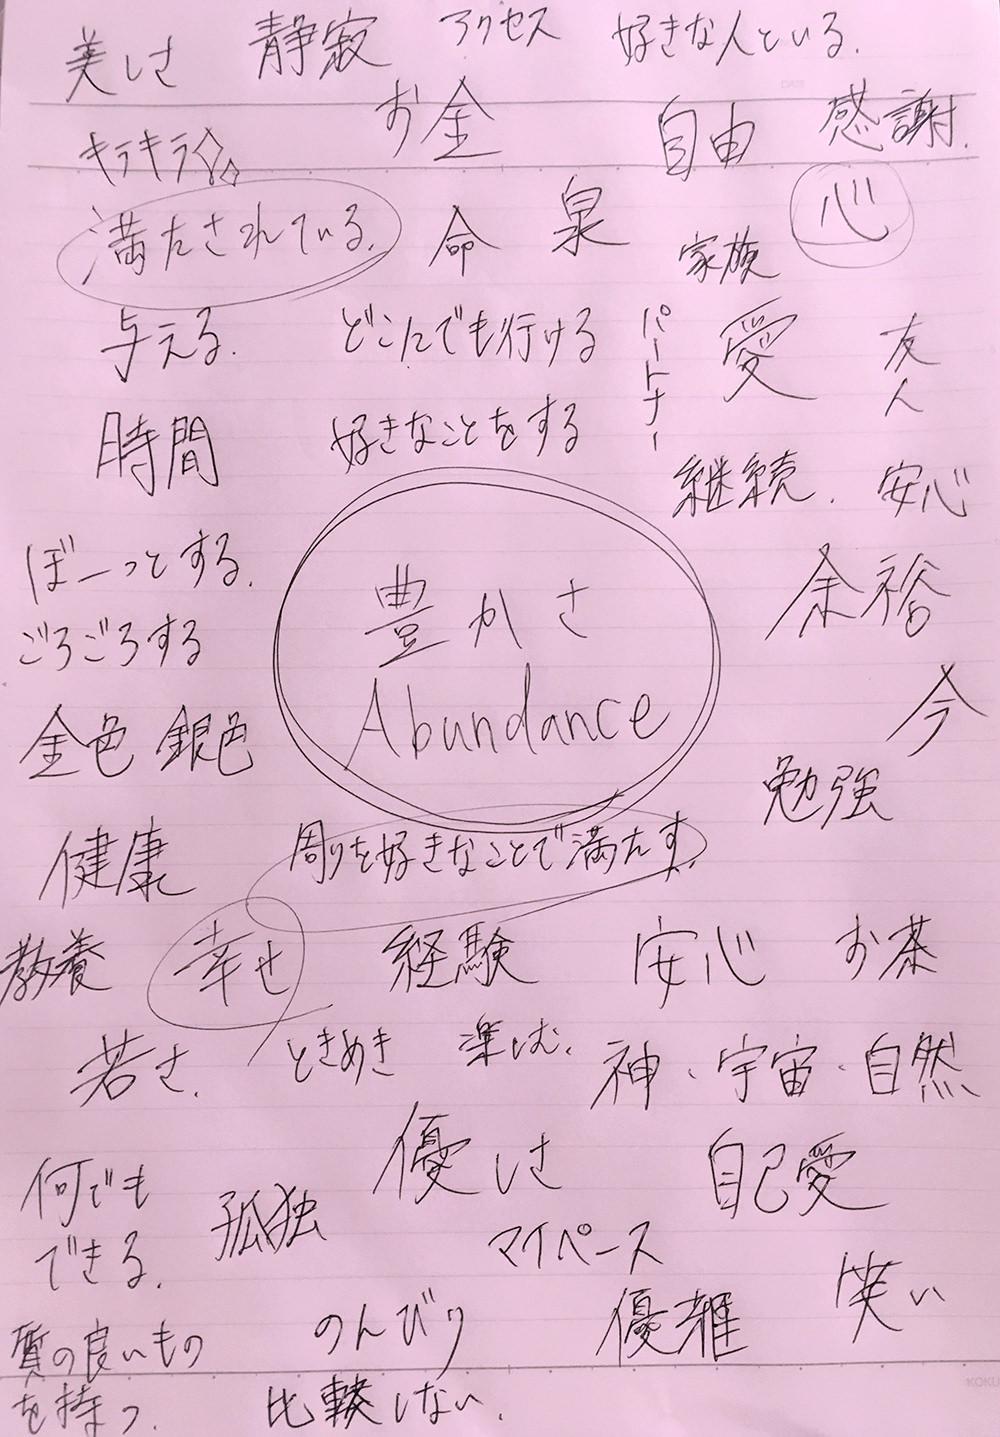 アバンダンスプログラム abundance program